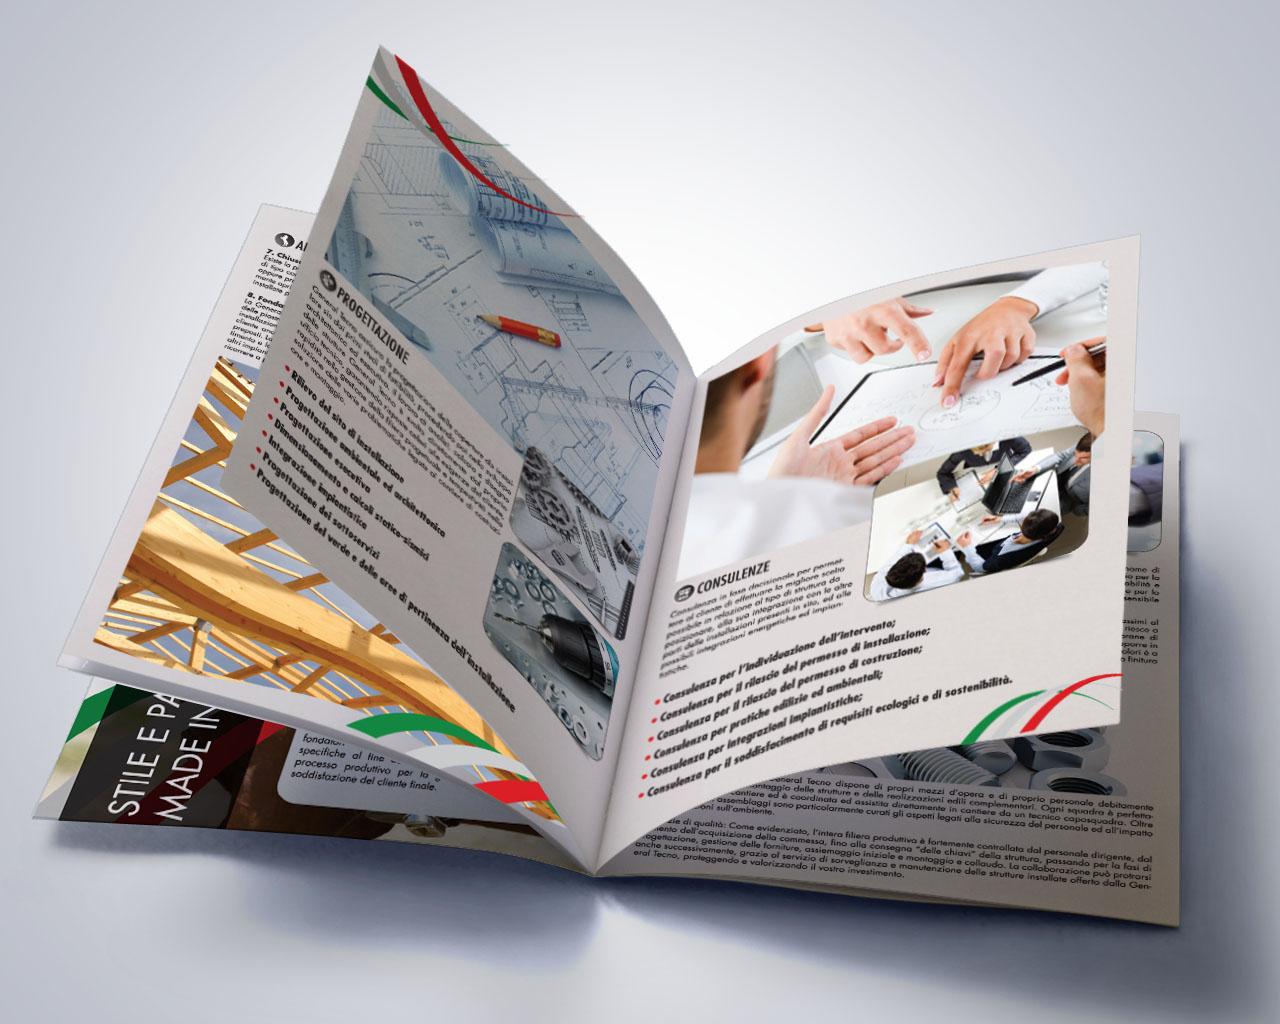 Brochure General Tecno, Fiera Cavalli Verona